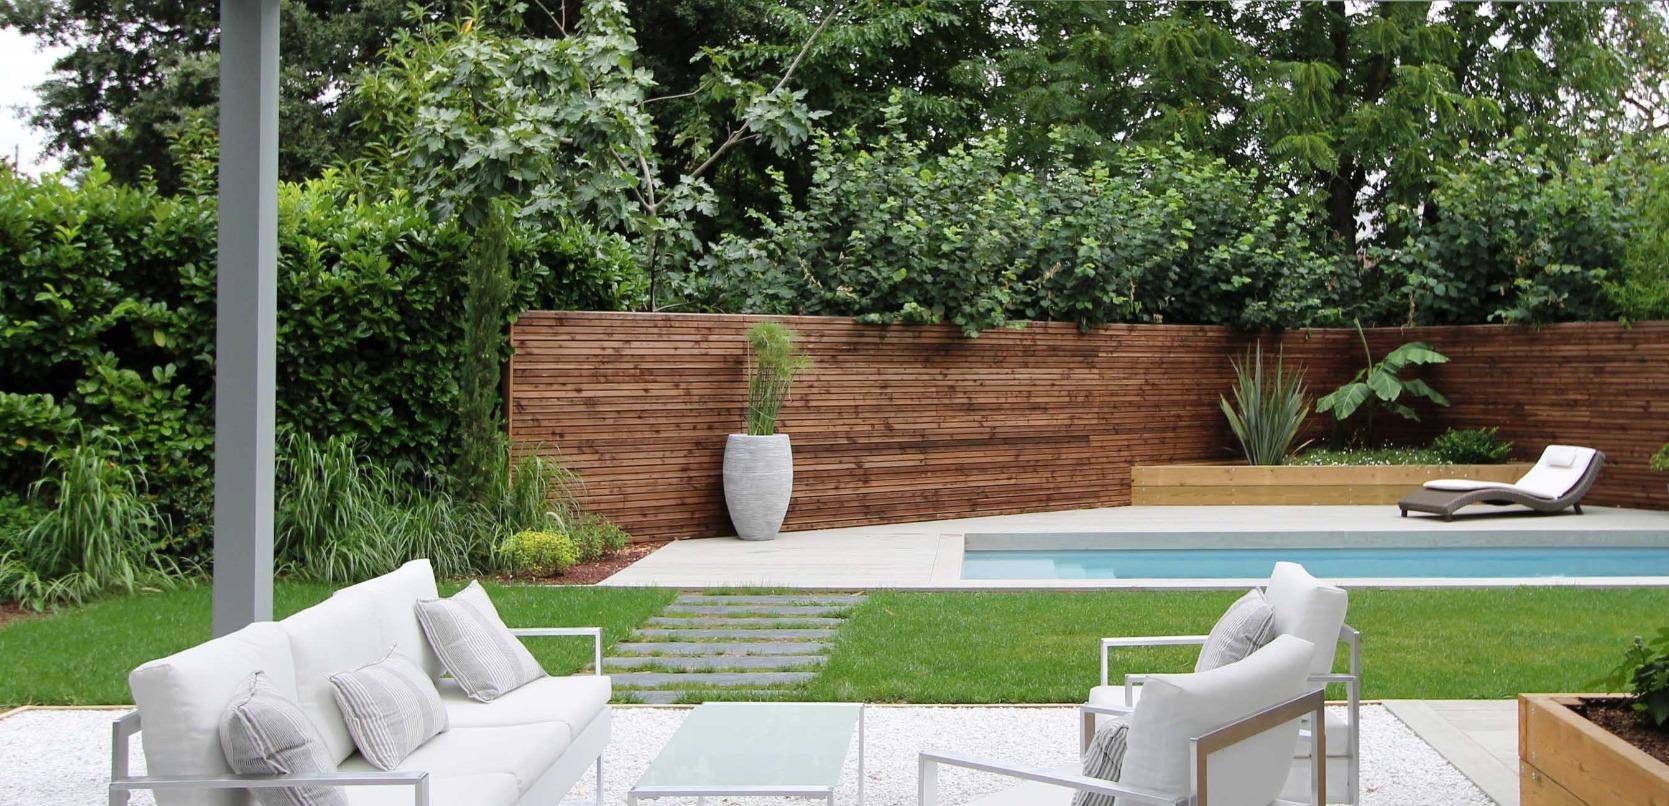 Comment Aménager Jardin Pas Cher 7 conseils pour aménager son jardin en 2020 - trustup.be